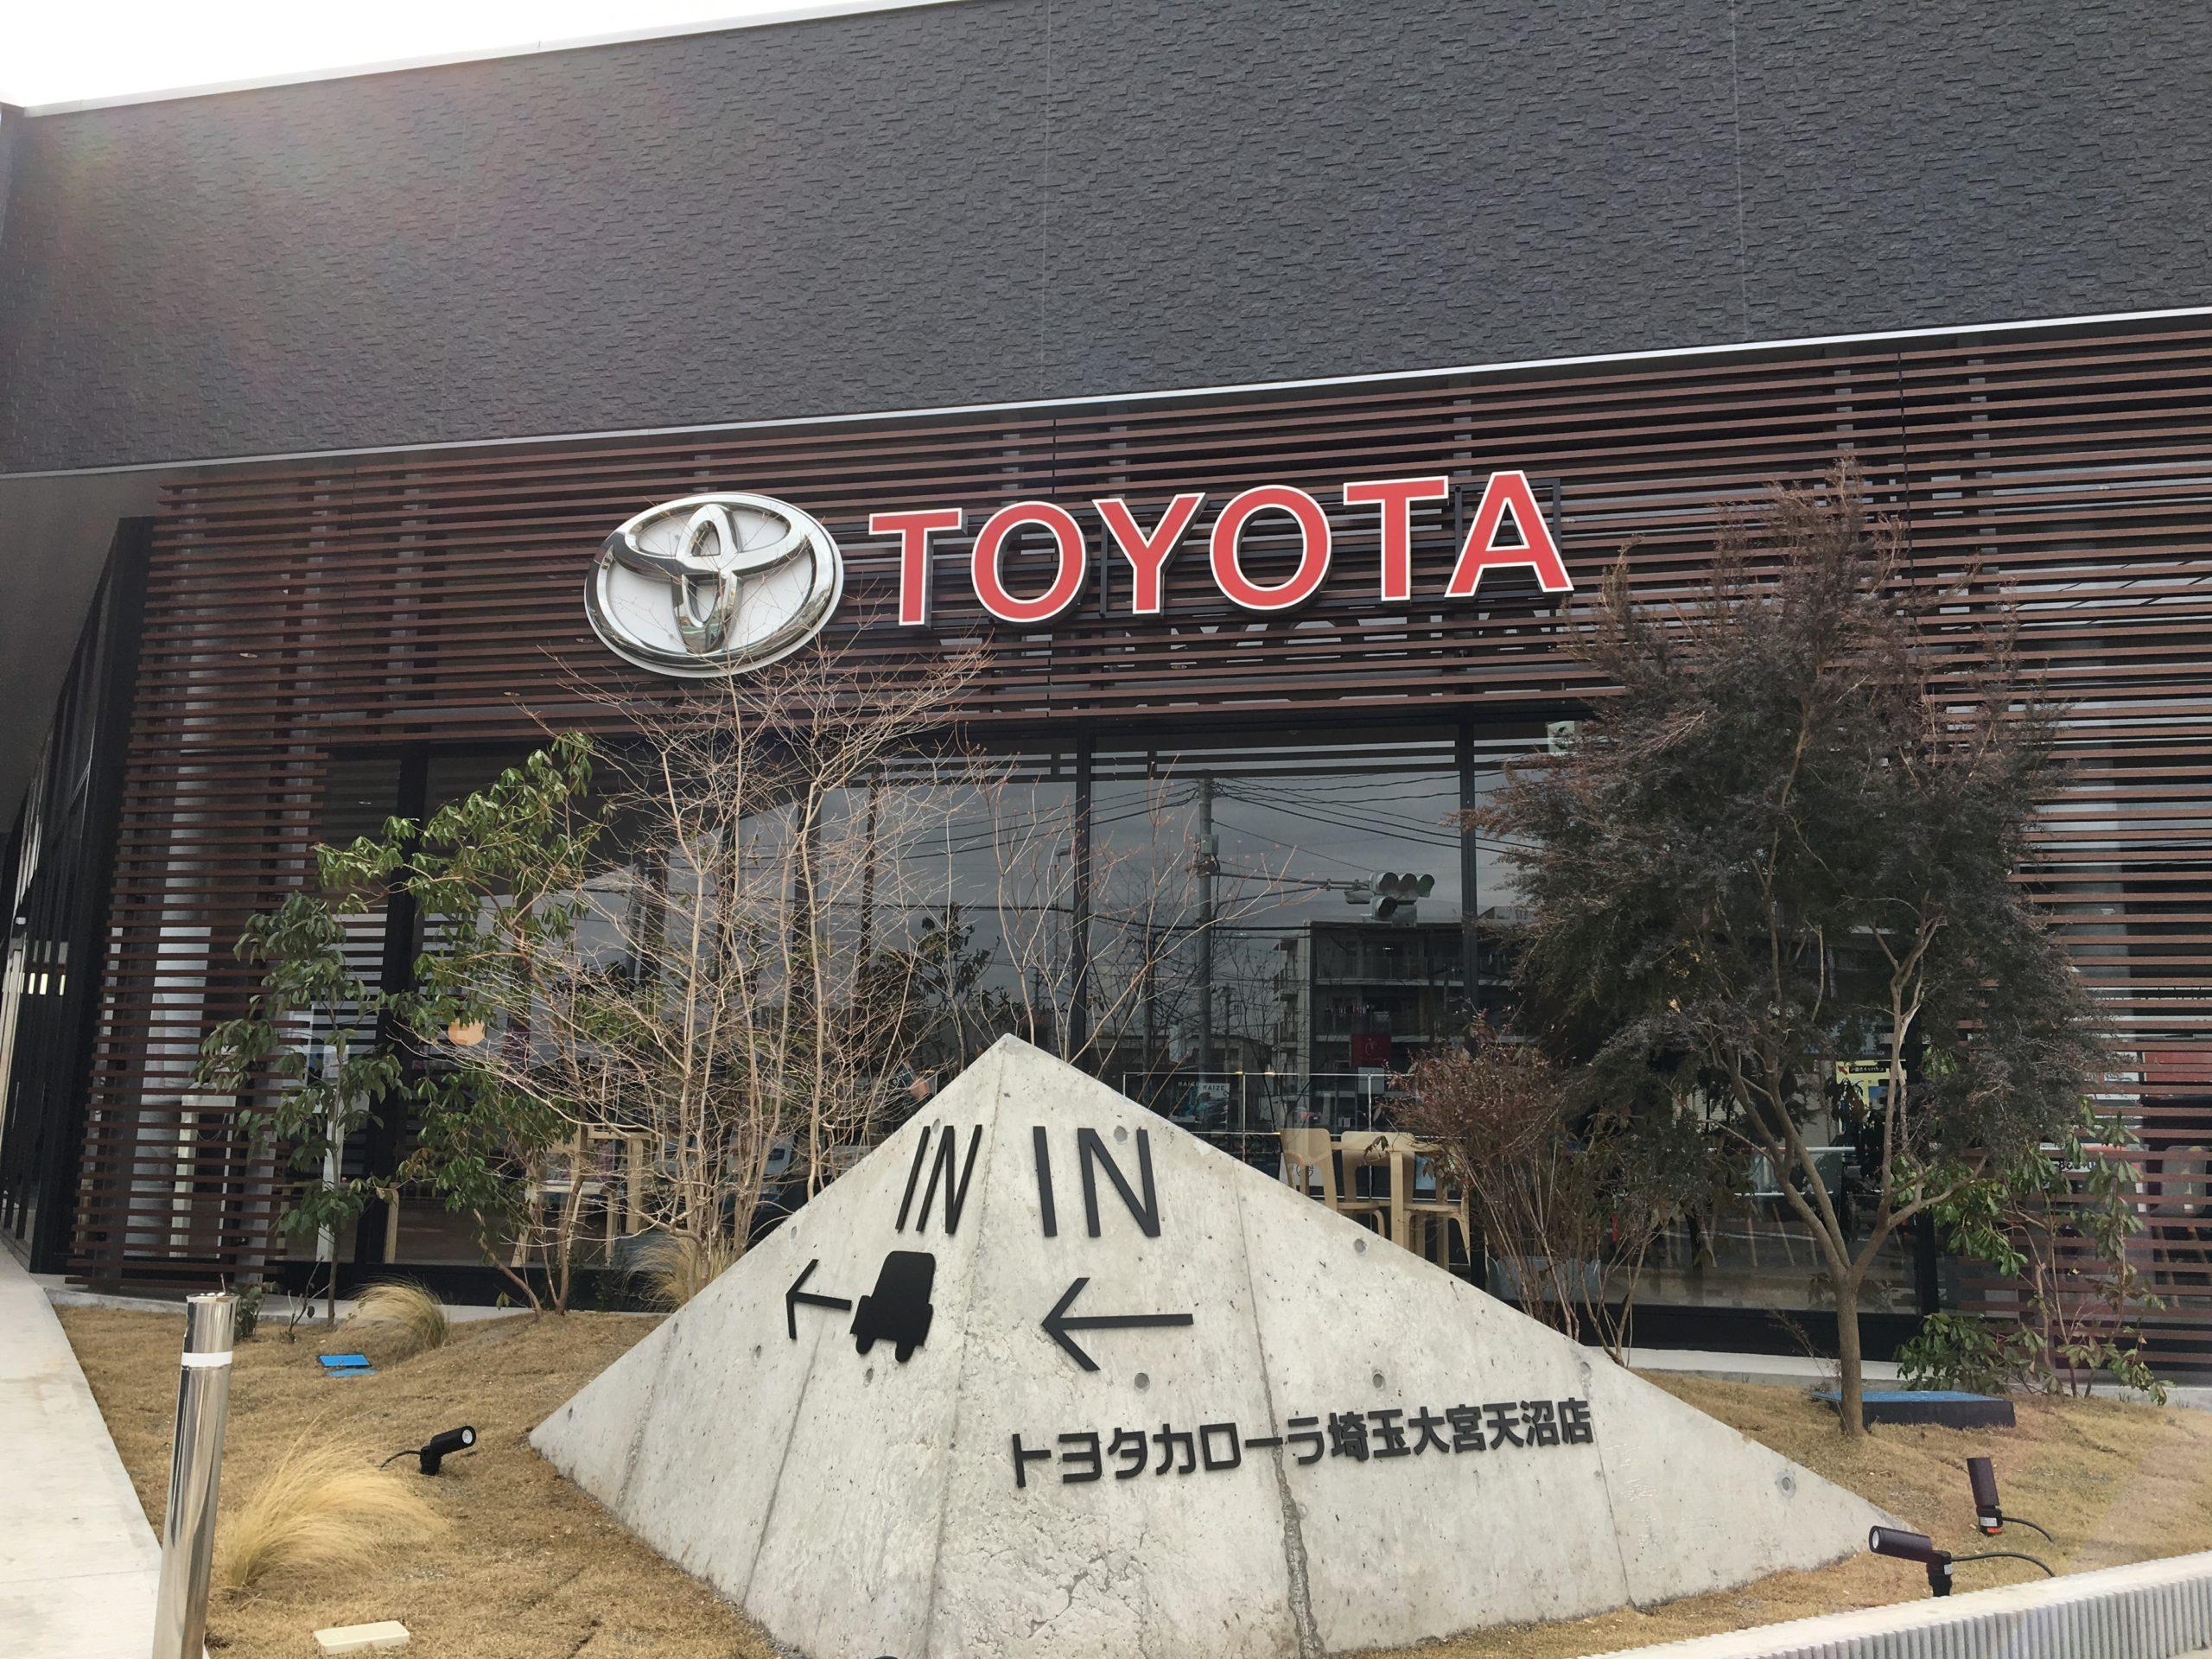 選ばれる店舗へ トヨタカローラ埼玉 大宮天沼店がリニューアルオープン